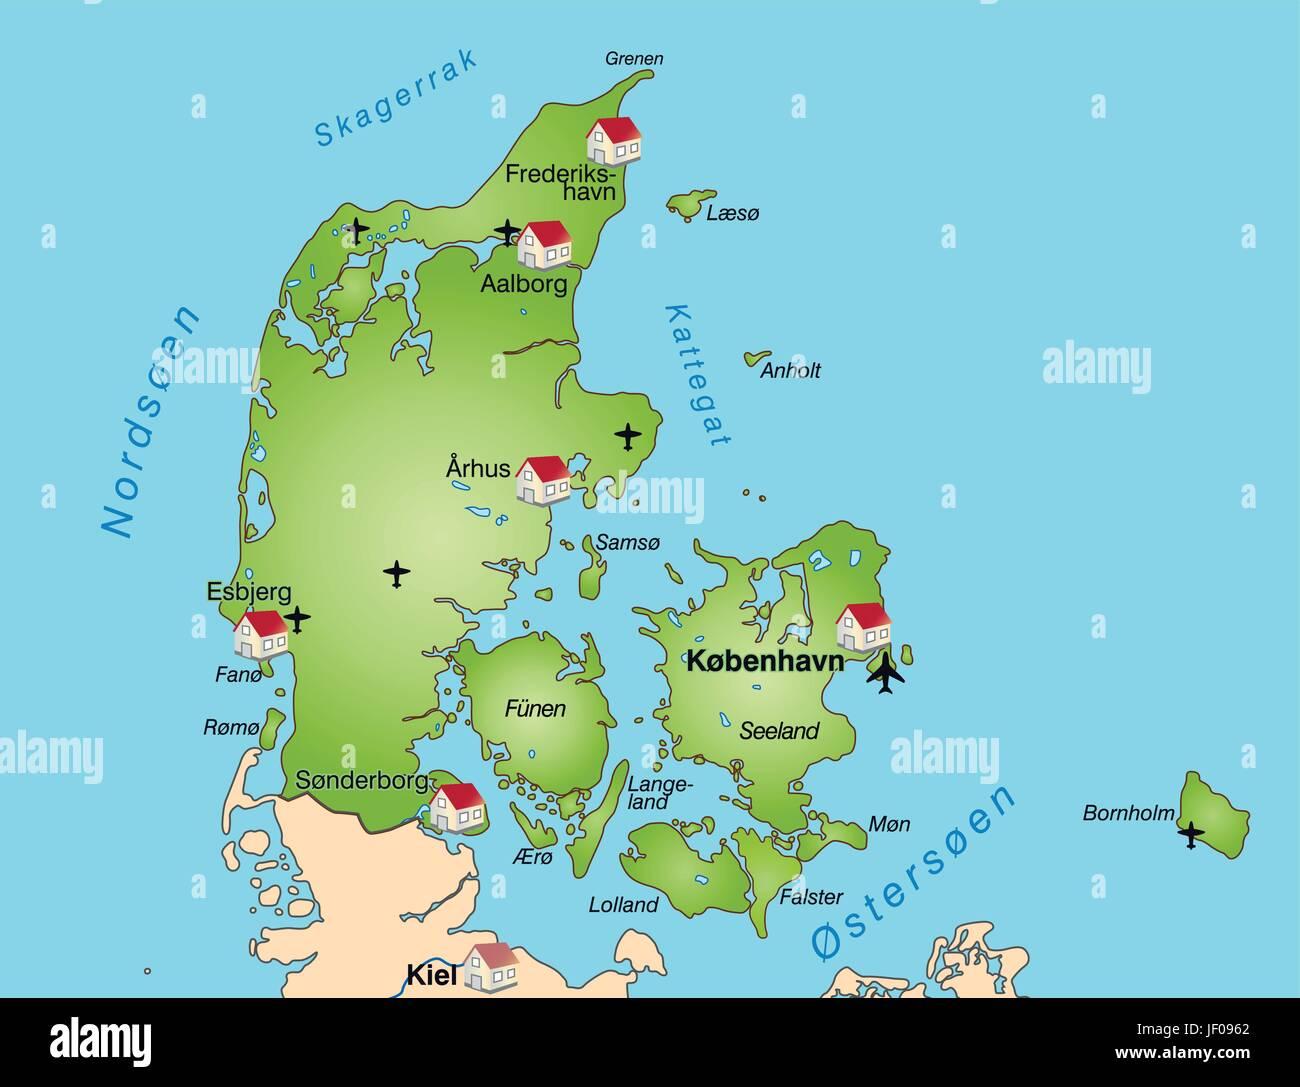 Denmark border card synopsis borders atlas map of the world denmark border card synopsis borders atlas map of the world map gumiabroncs Images